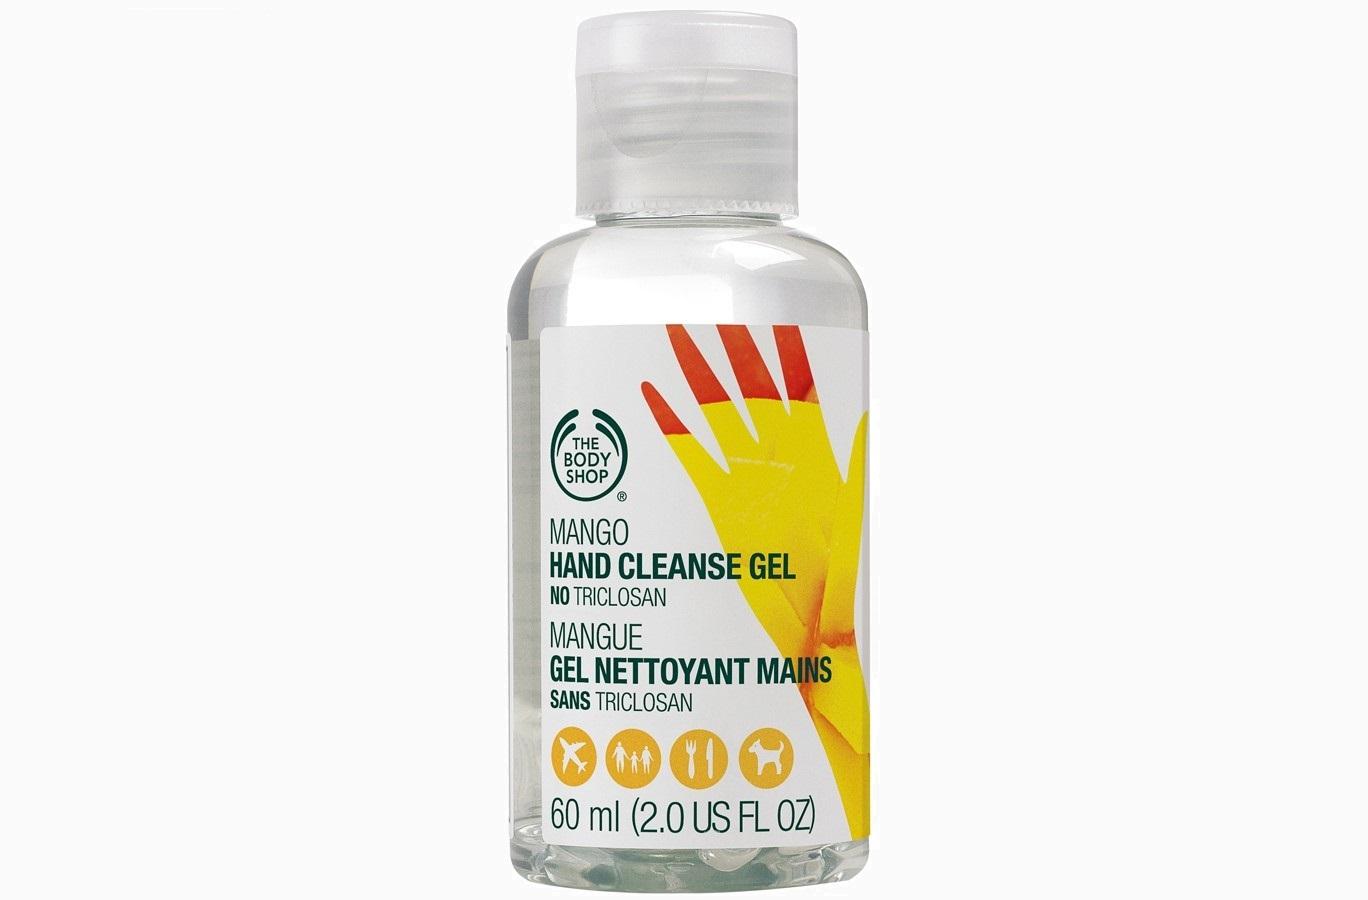 Антибактериальный гель для рук «Манго» от The Body Shop (210 руб.)